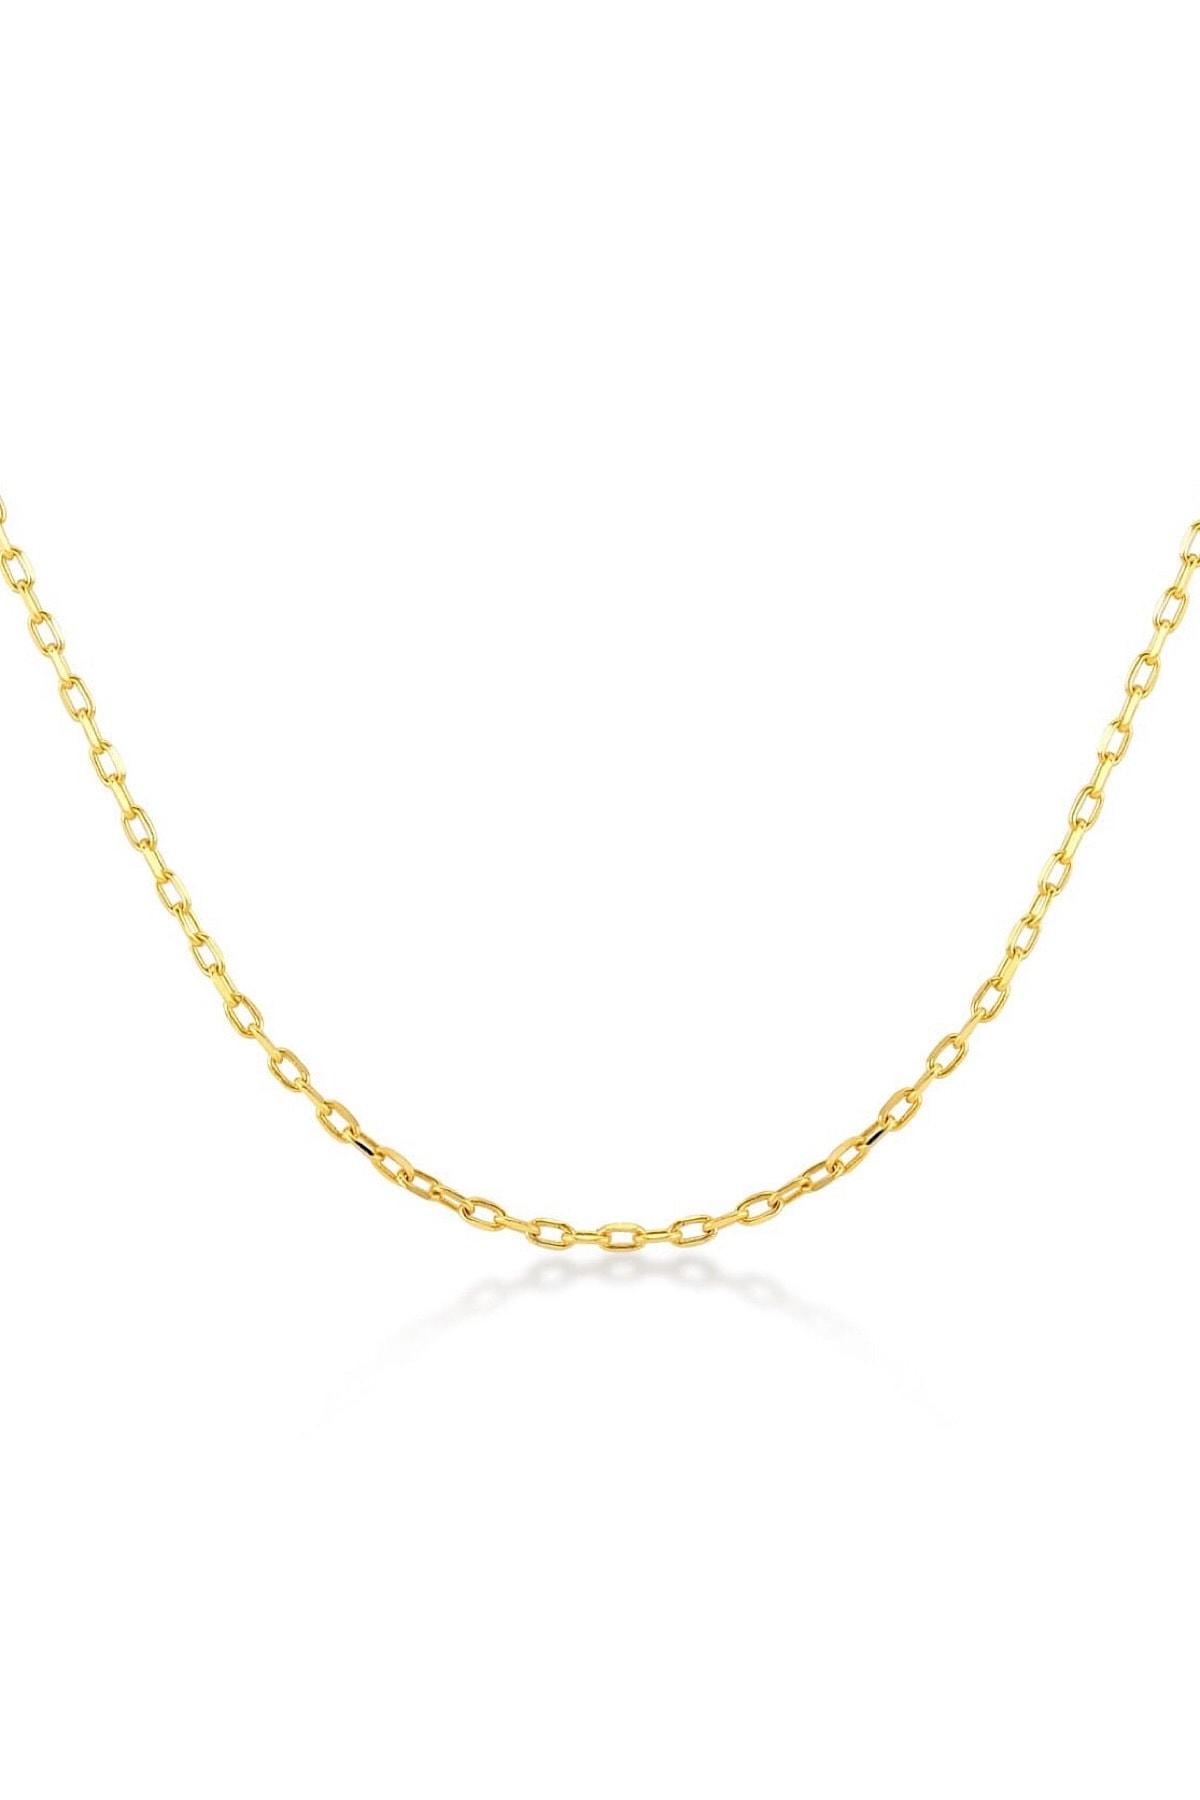 Demas Gold Kadın 14 Ayar Altın Zincir Kolye 1